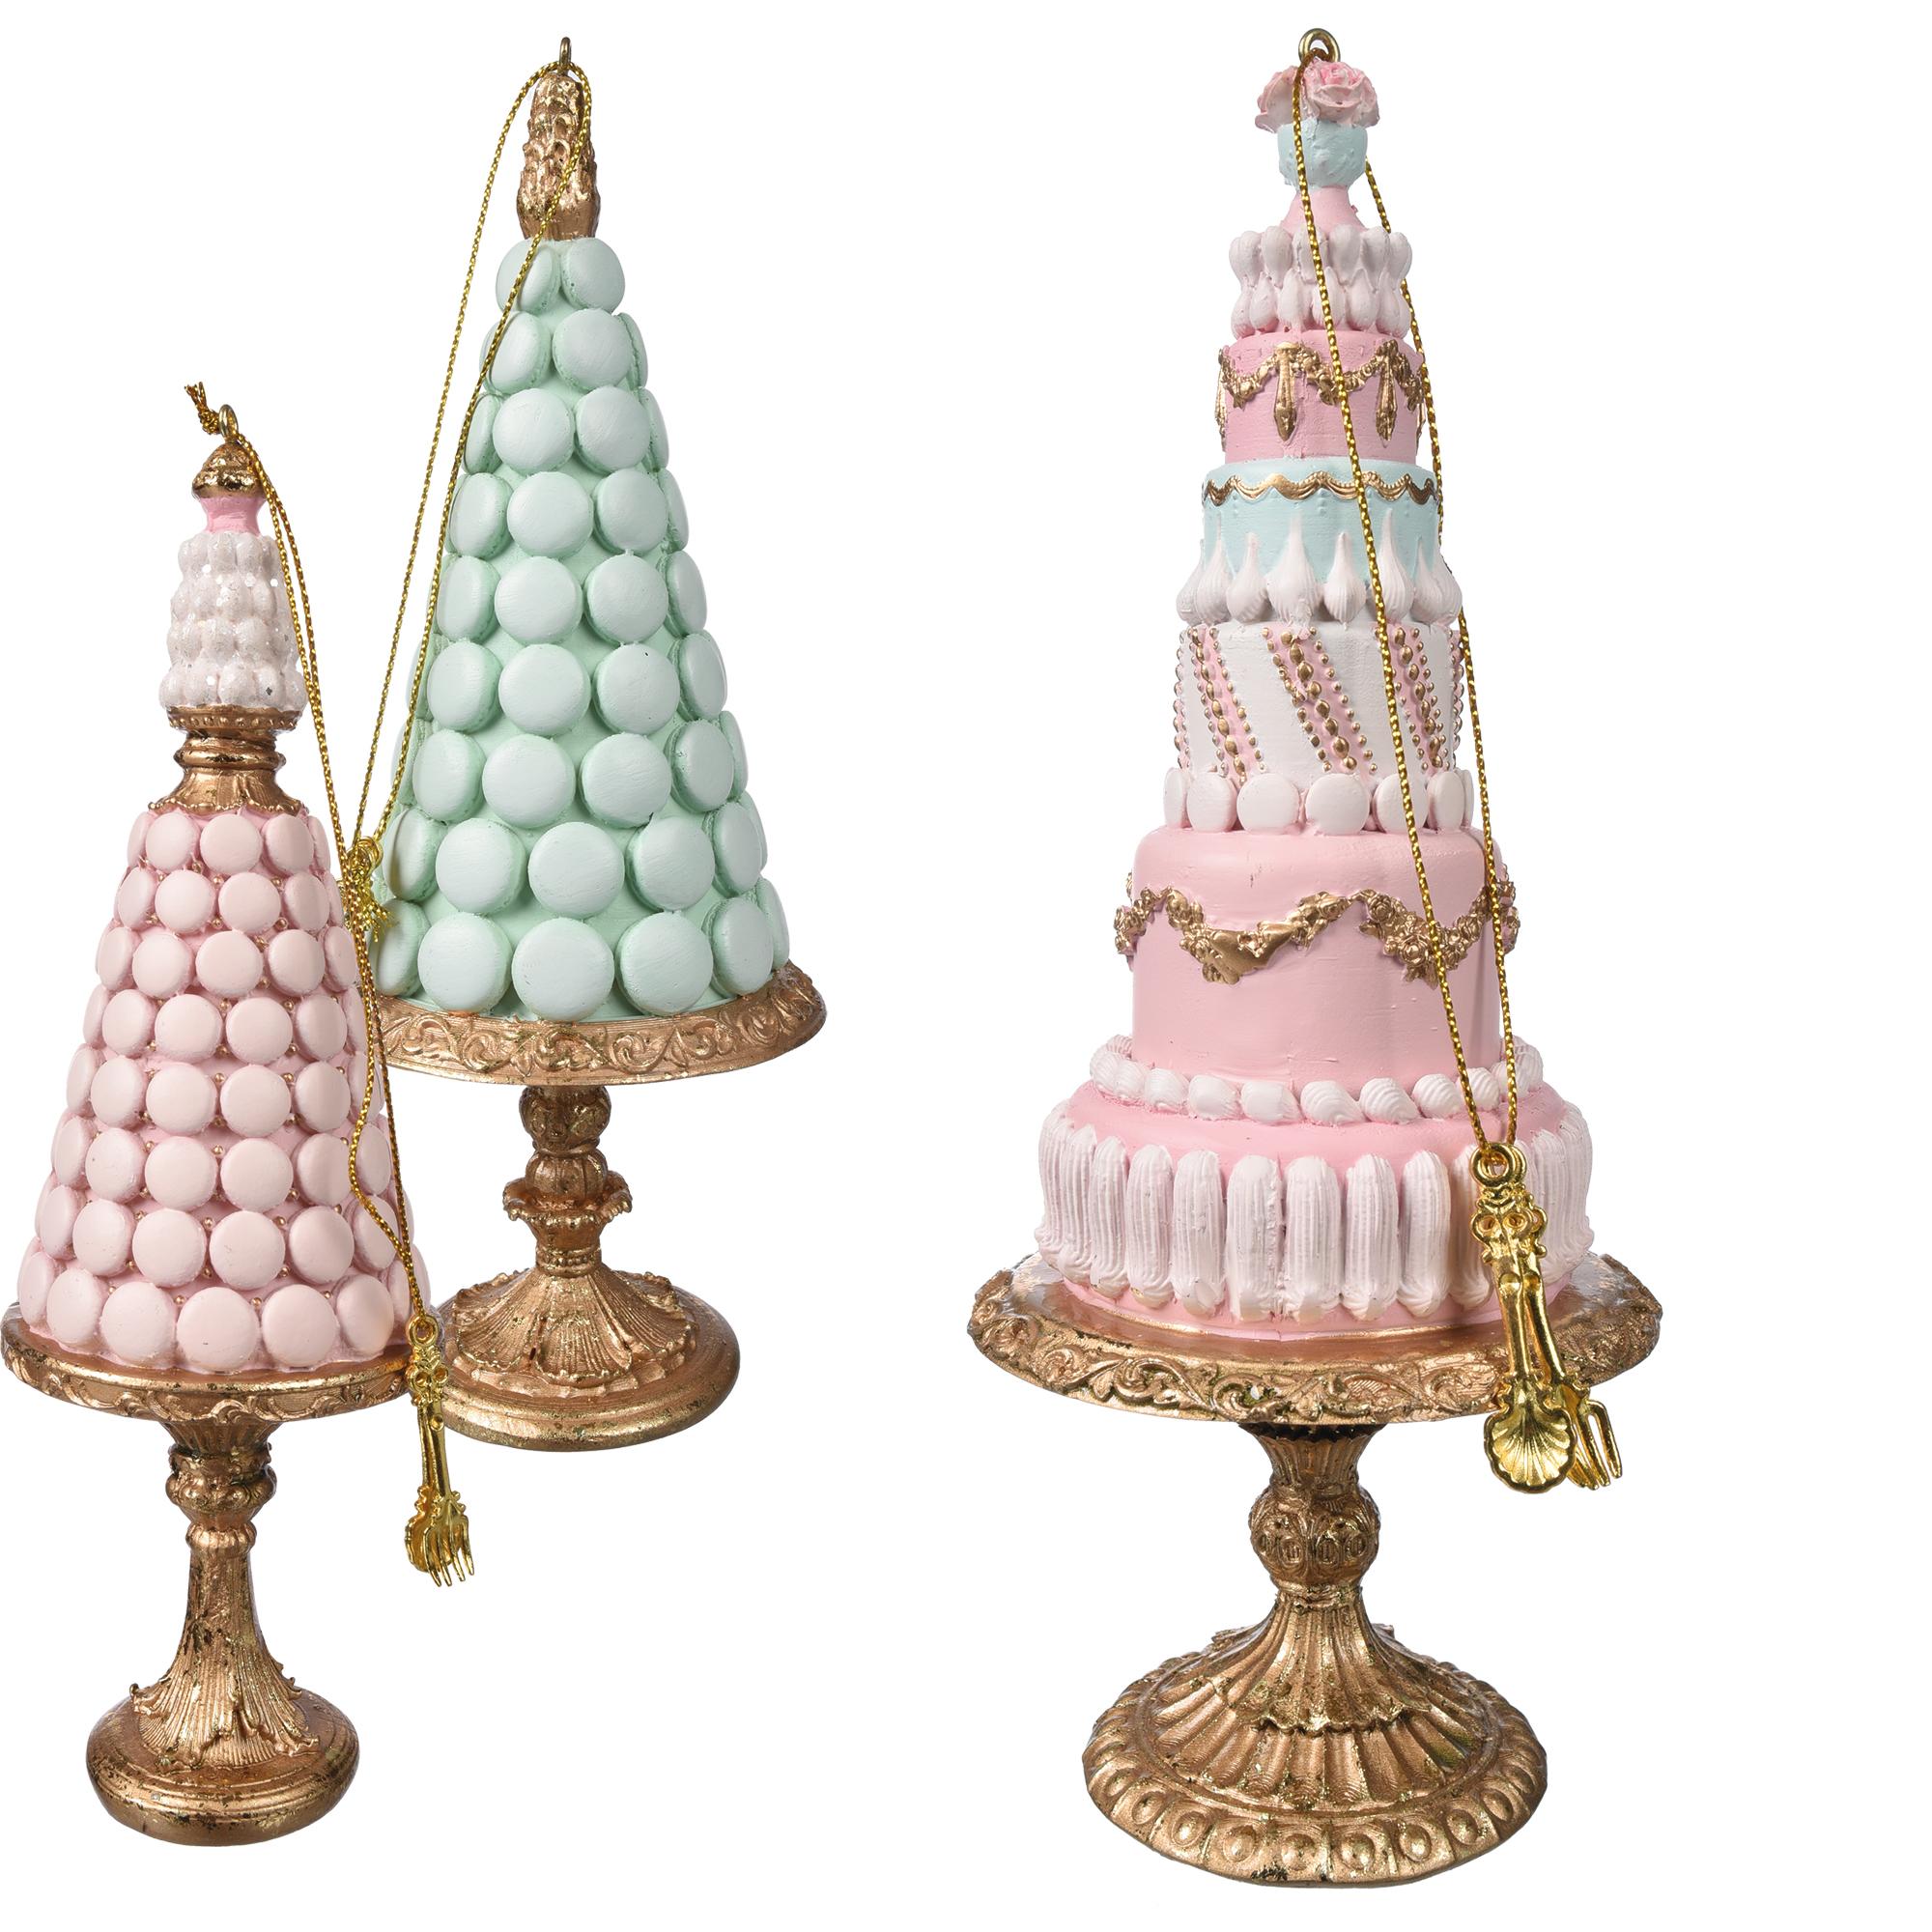 Torta Macaron/Princess Su Alzatina 3 Ass - Tiffany Sweet Home